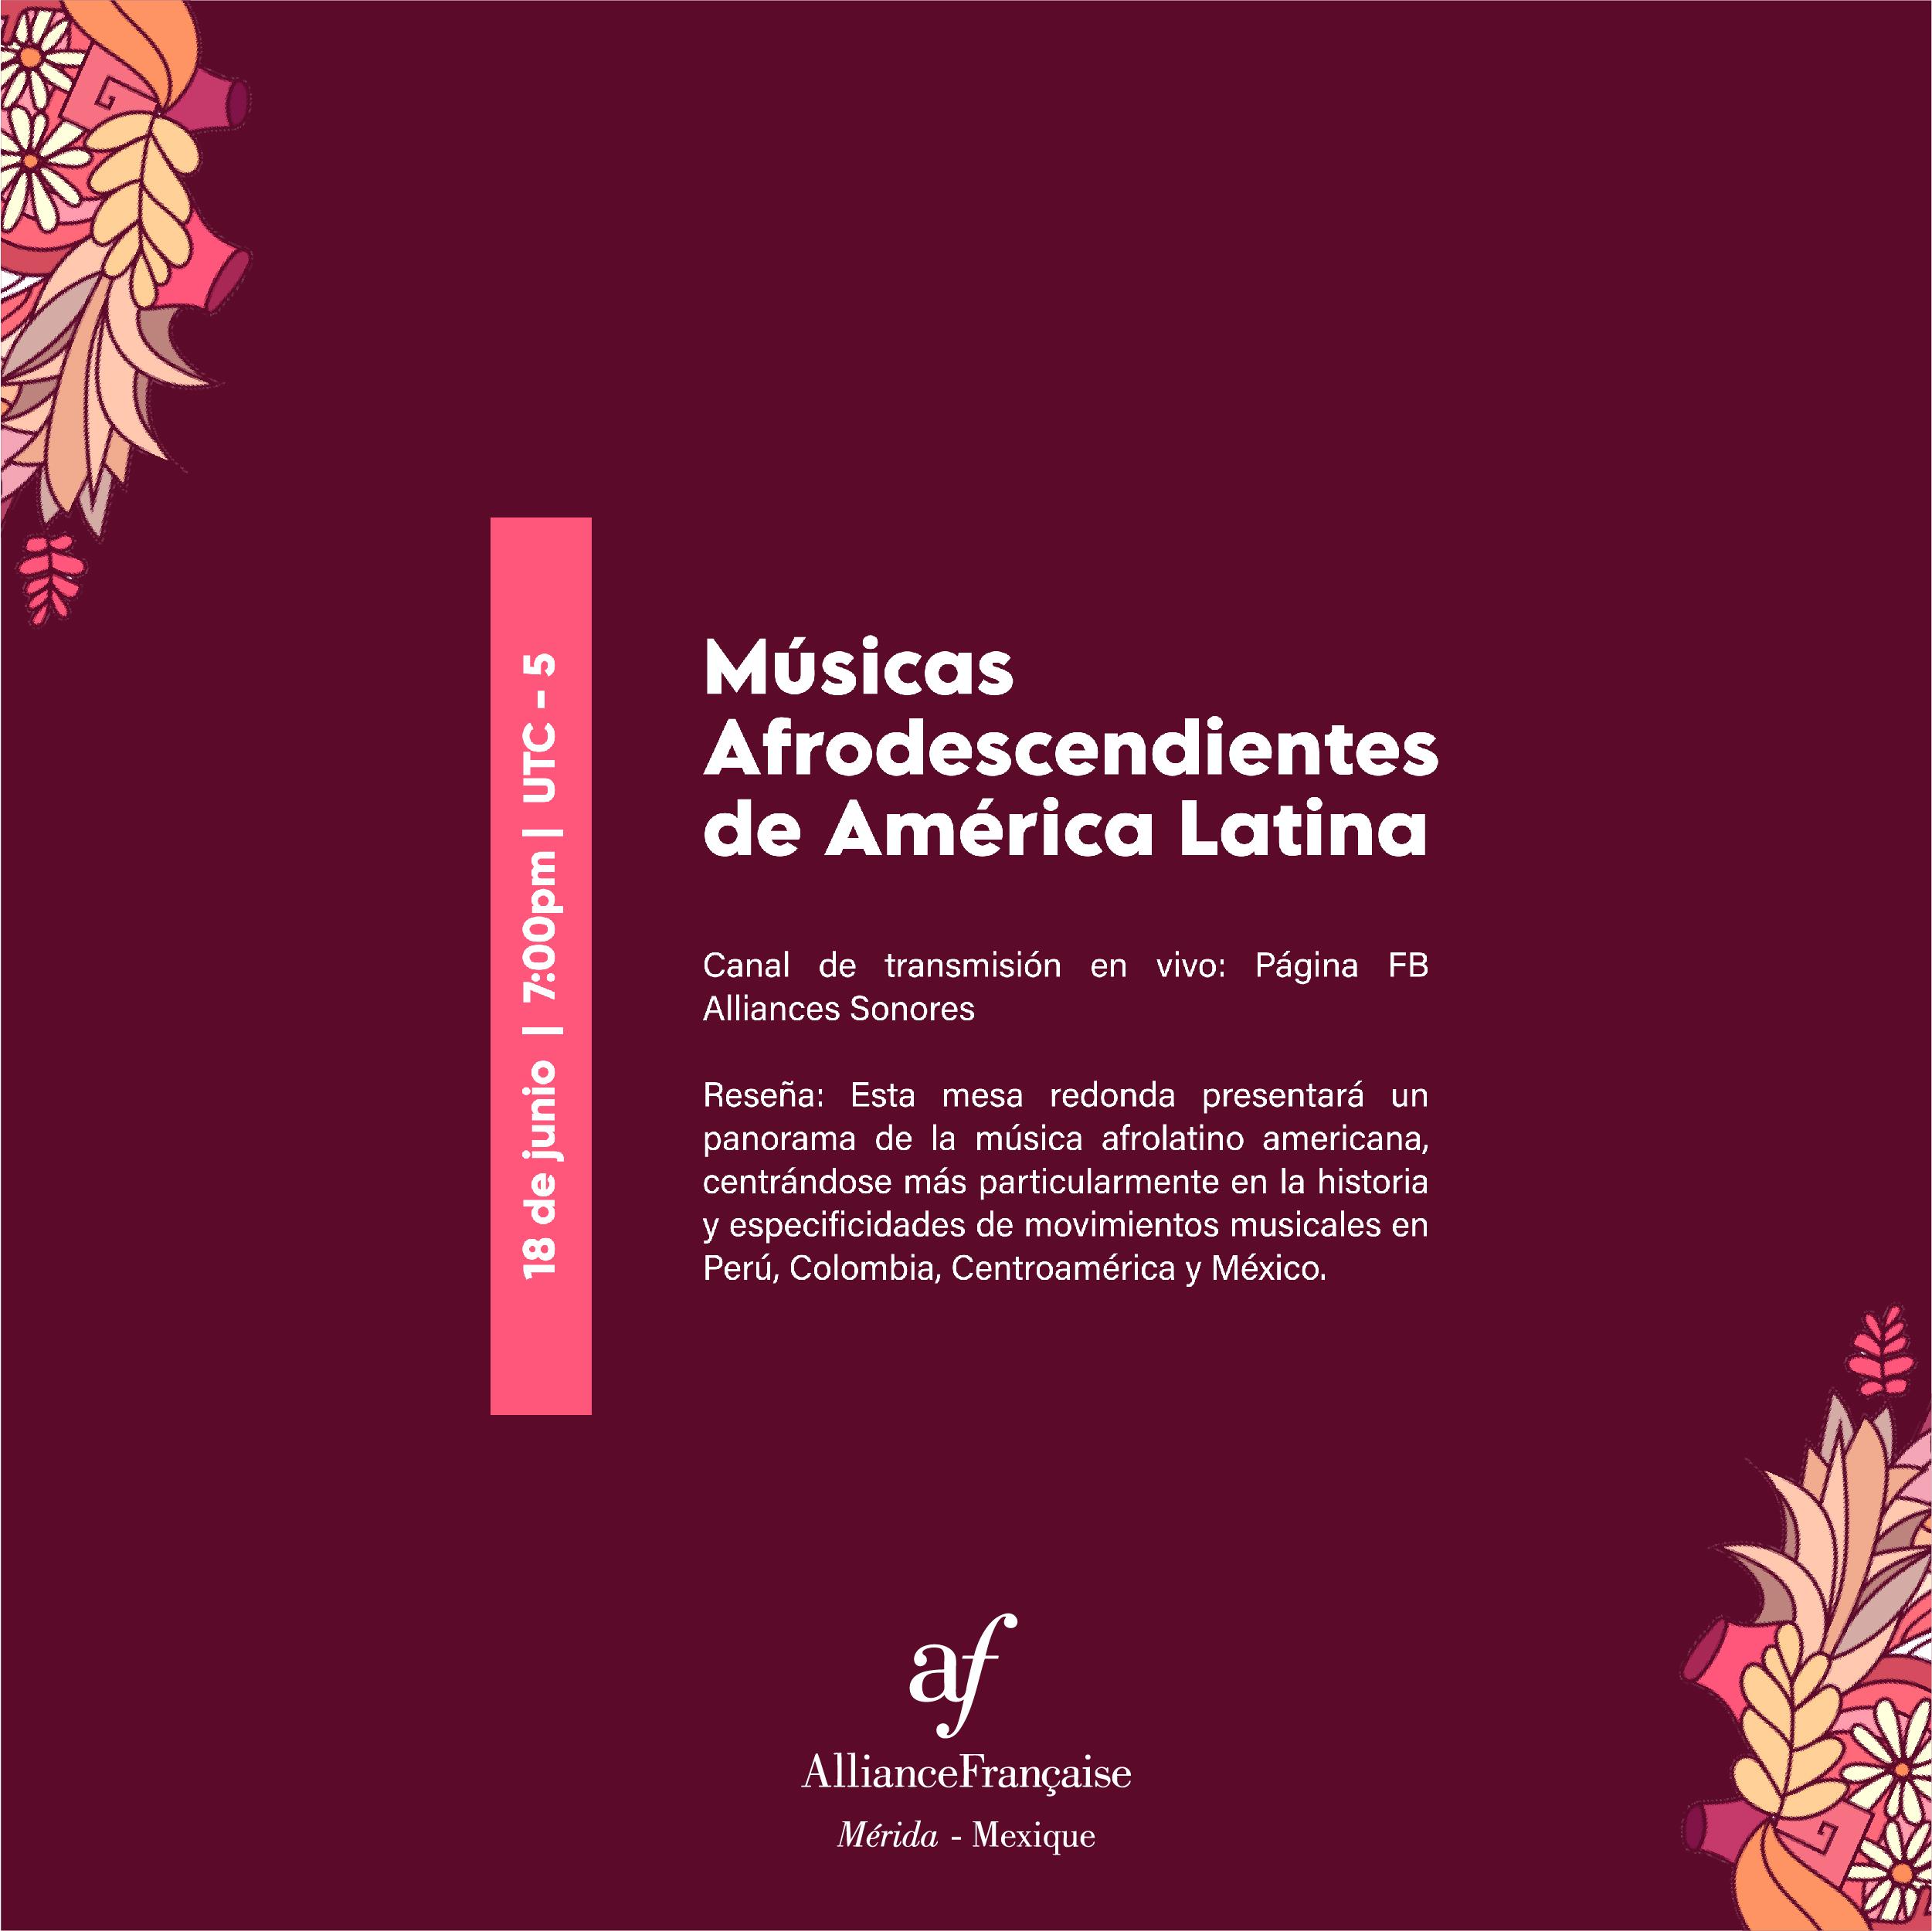 Historia de la música de afrodescendientes en América Latina y el Caribe